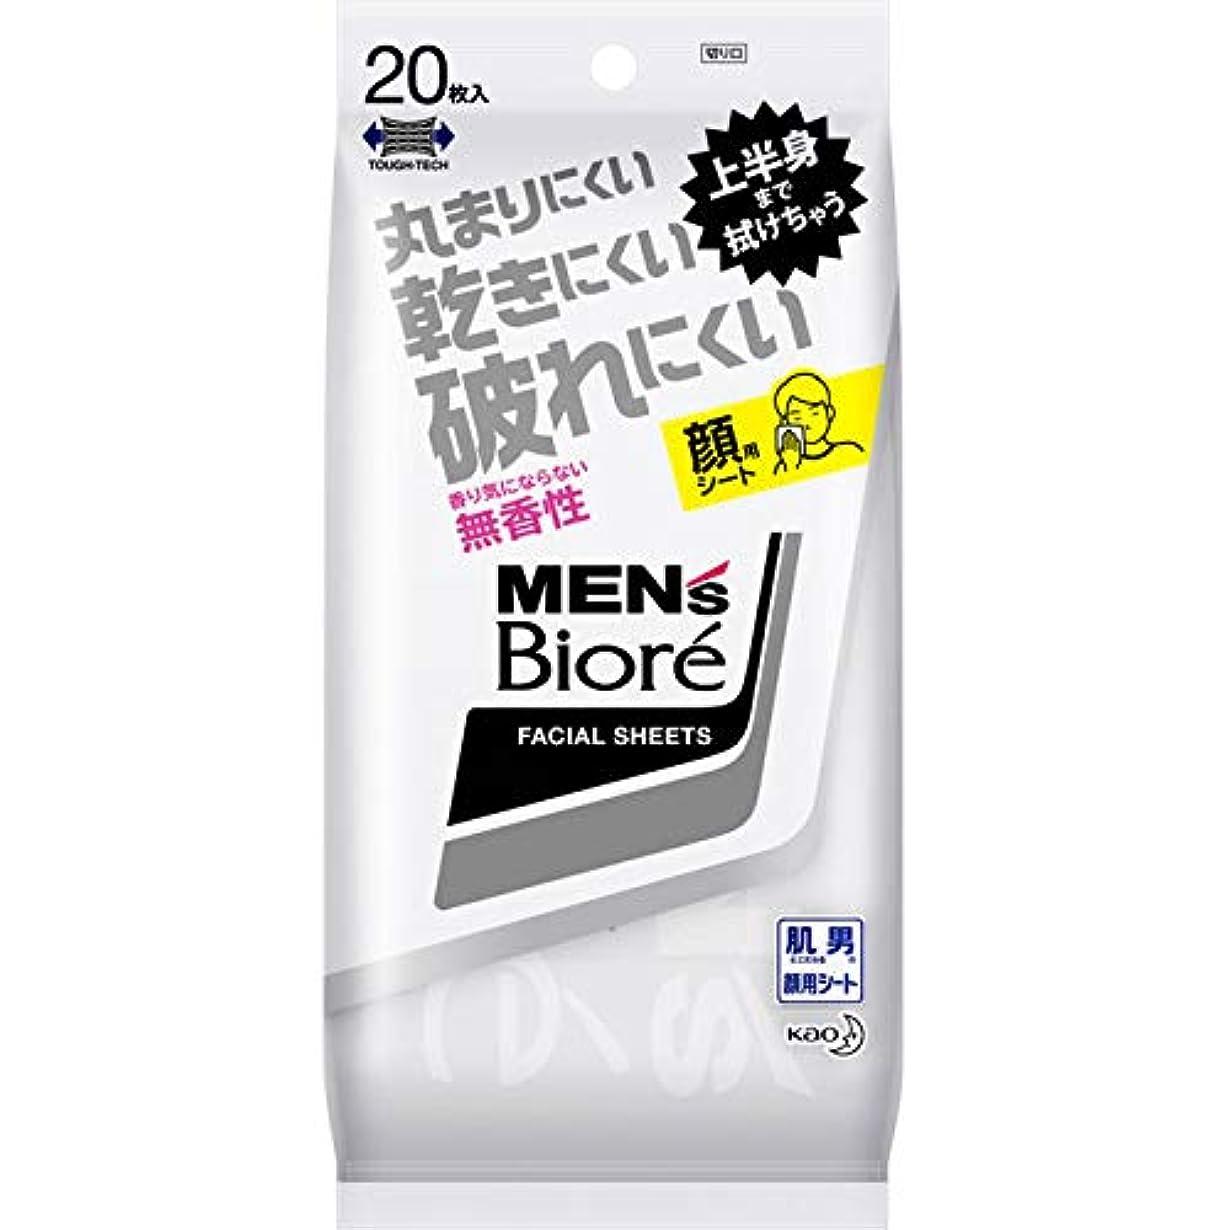 再撮り登るビスケット花王 メンズビオレ 洗顔シート 香り気にならない無香性 携帯用 (20枚入) ビオレ フェイスシート